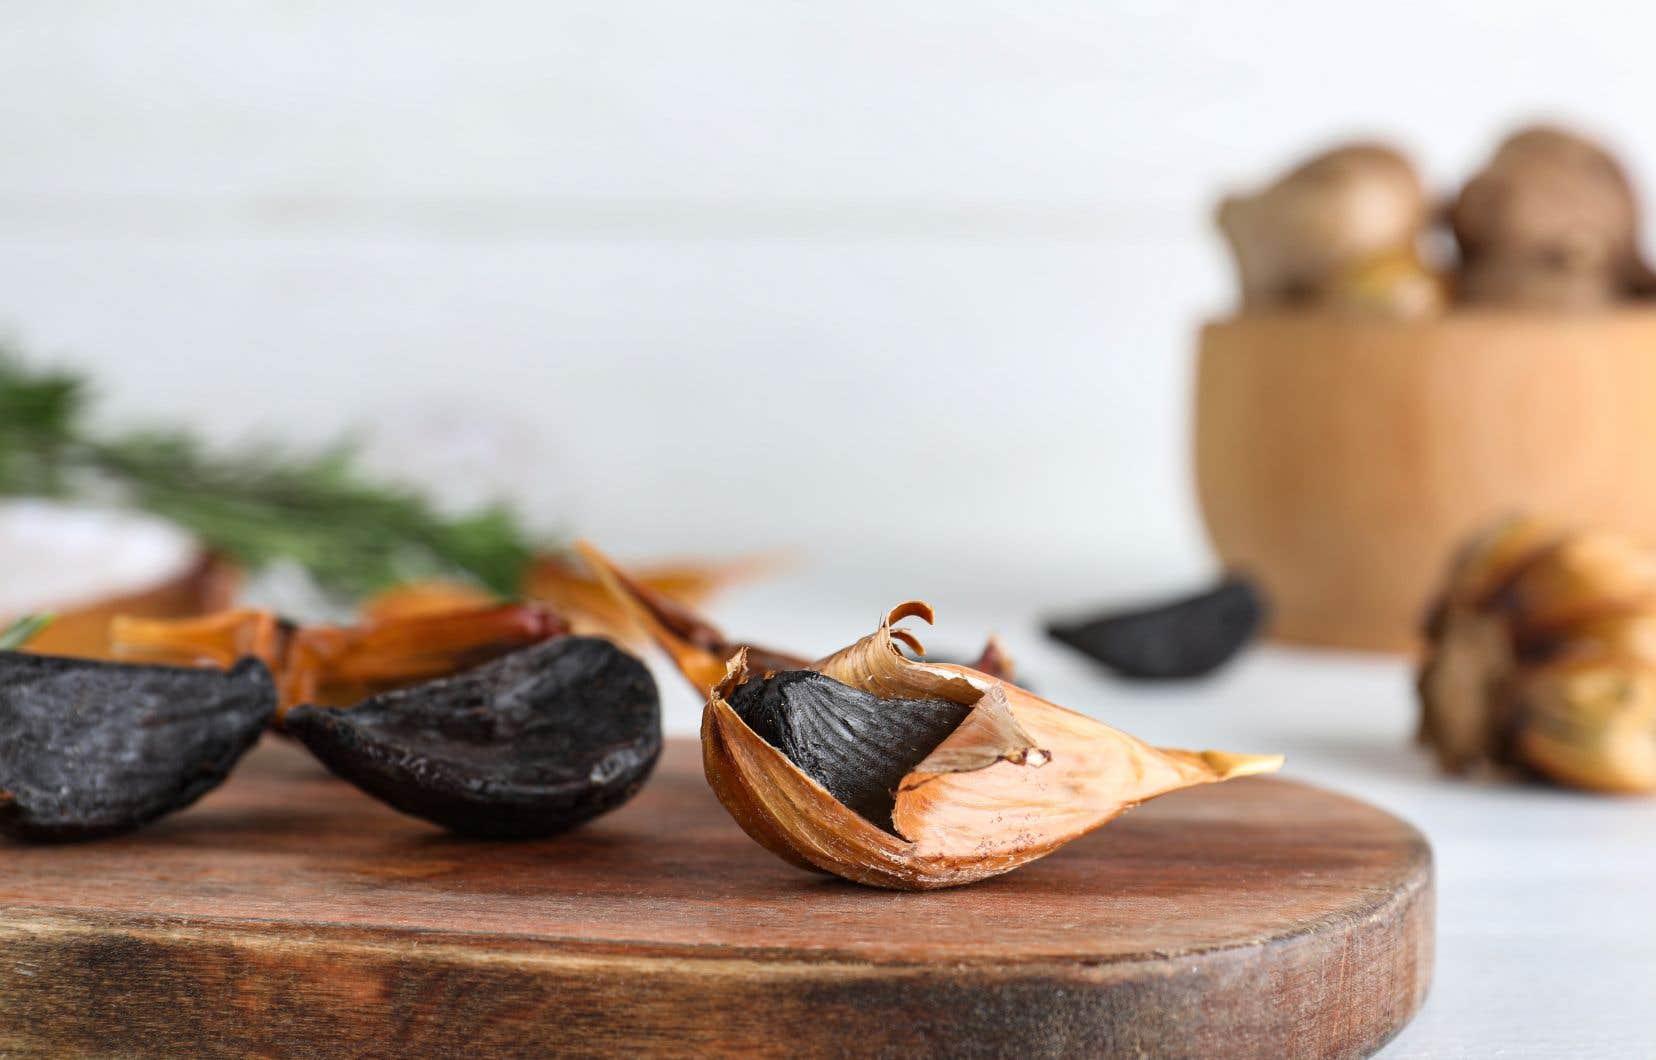 L'air noir est le résultat d'un procédé de vieillissement qui caramélise les sucres de l'ail blanc, connu sous le nom de réaction de Maillard.